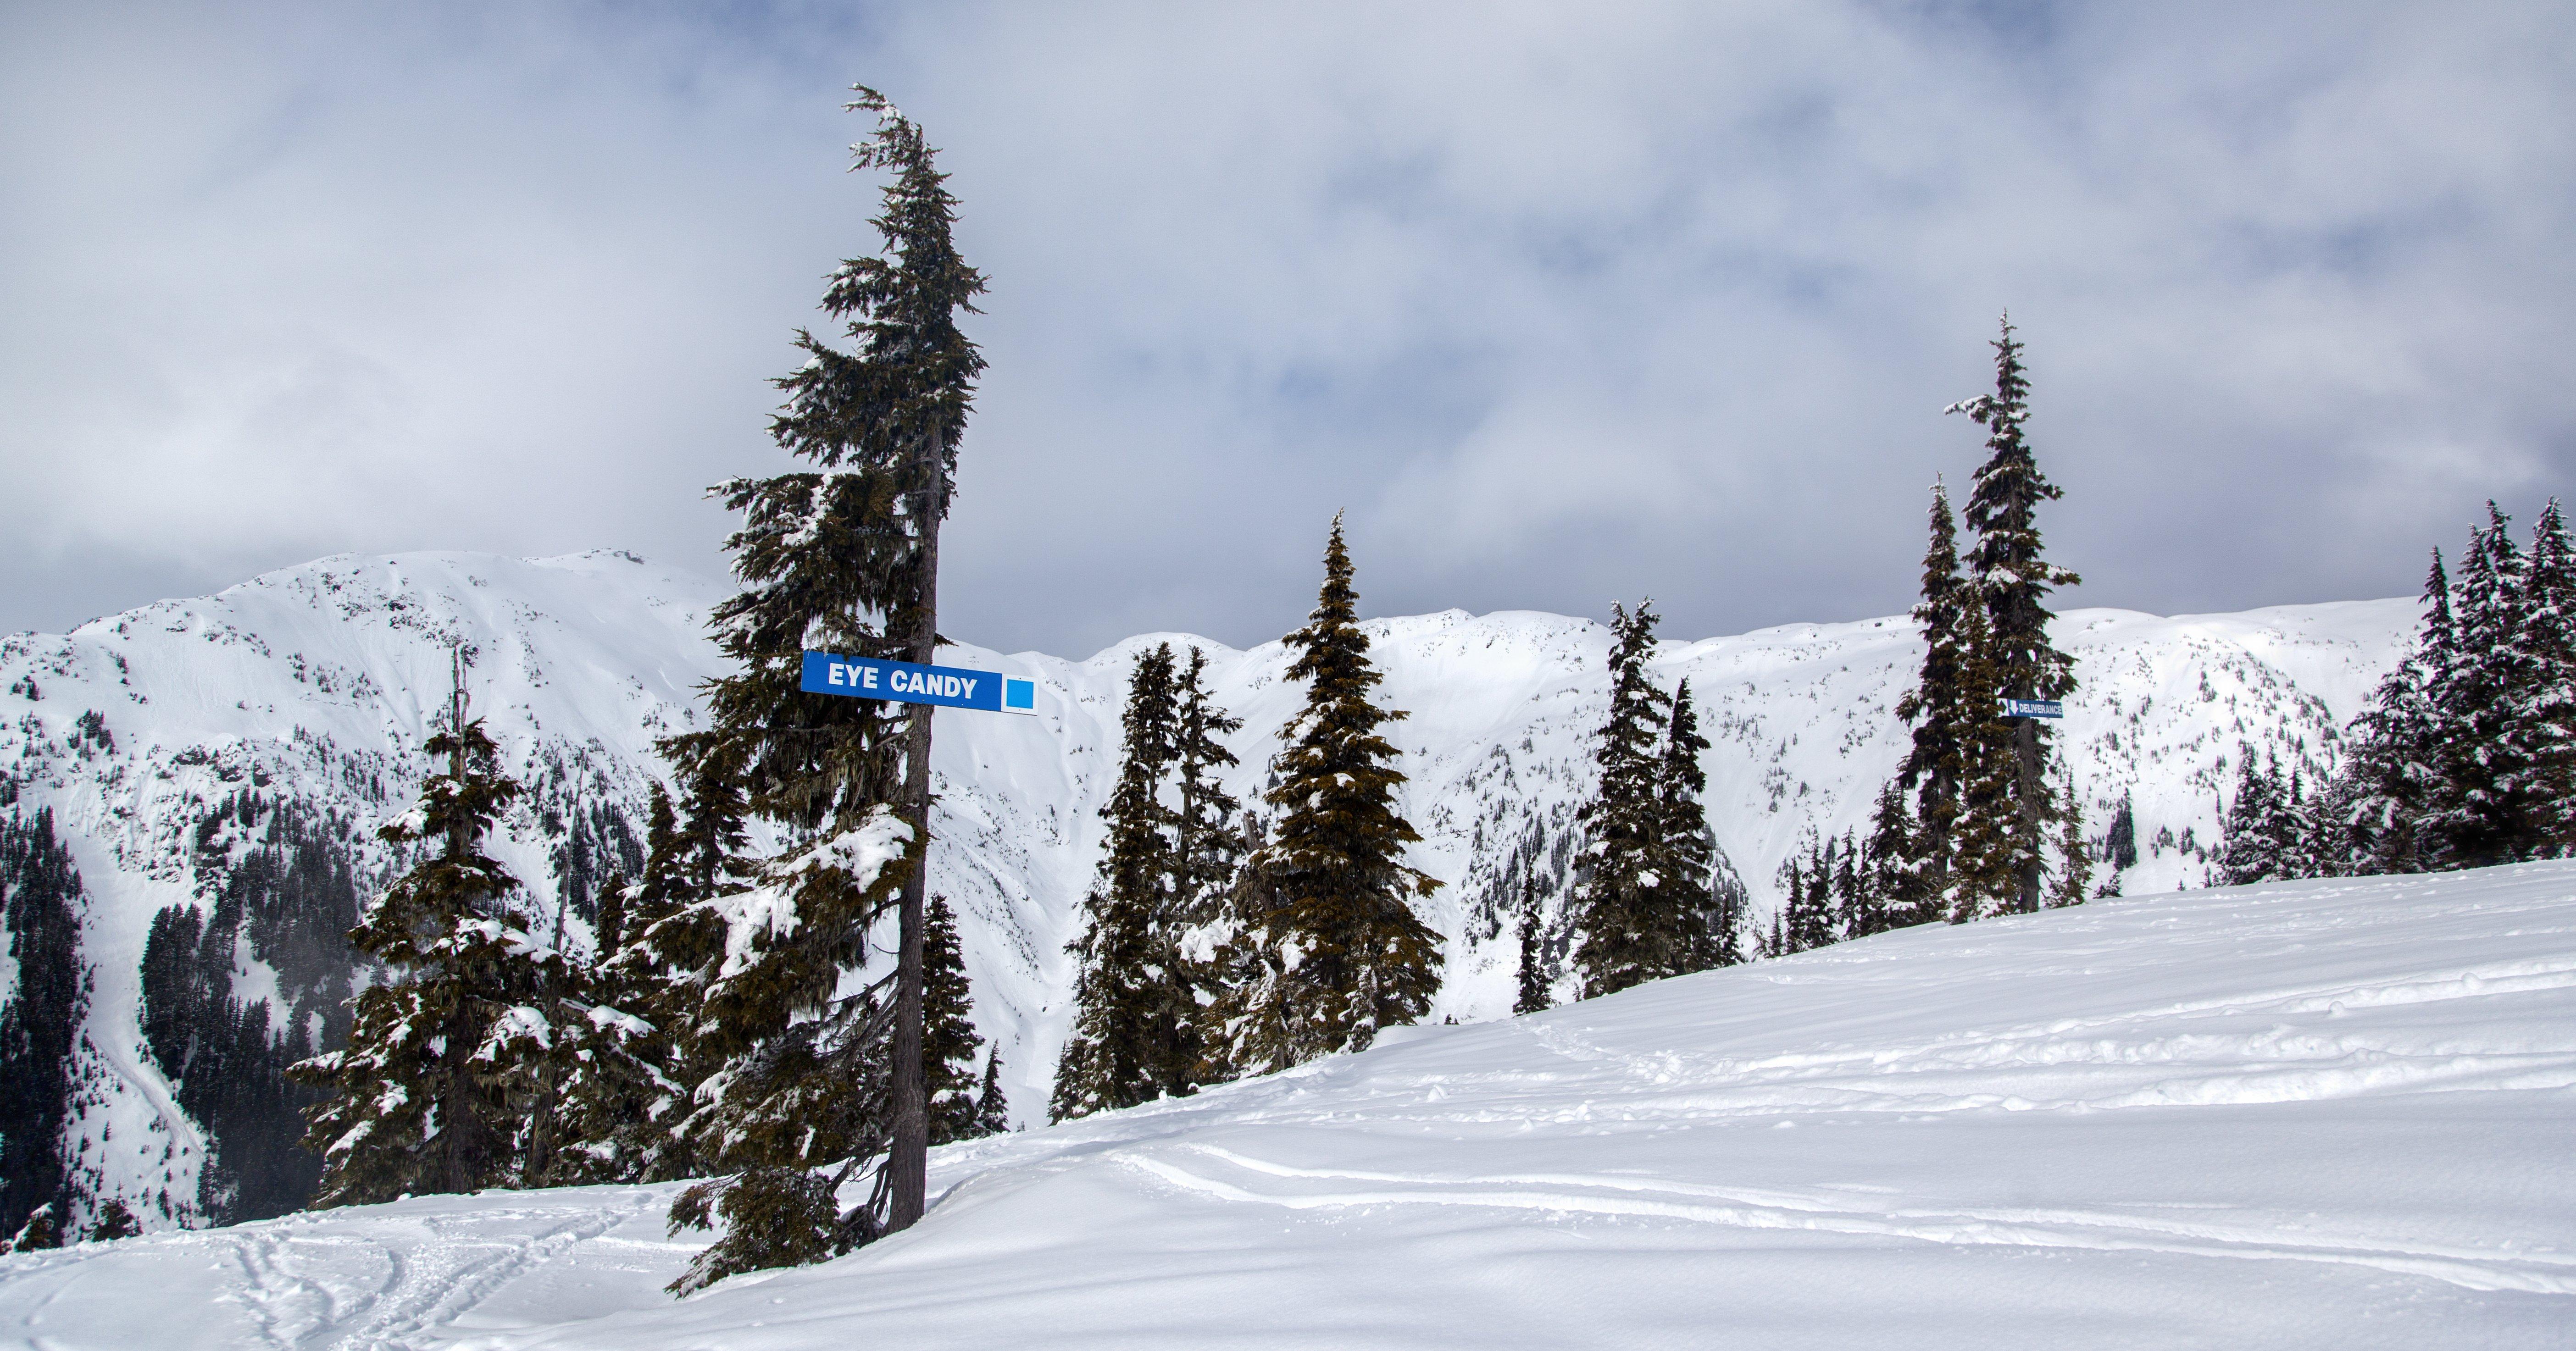 Eye Candy ski run at Shames Mountain in Terrace, BC